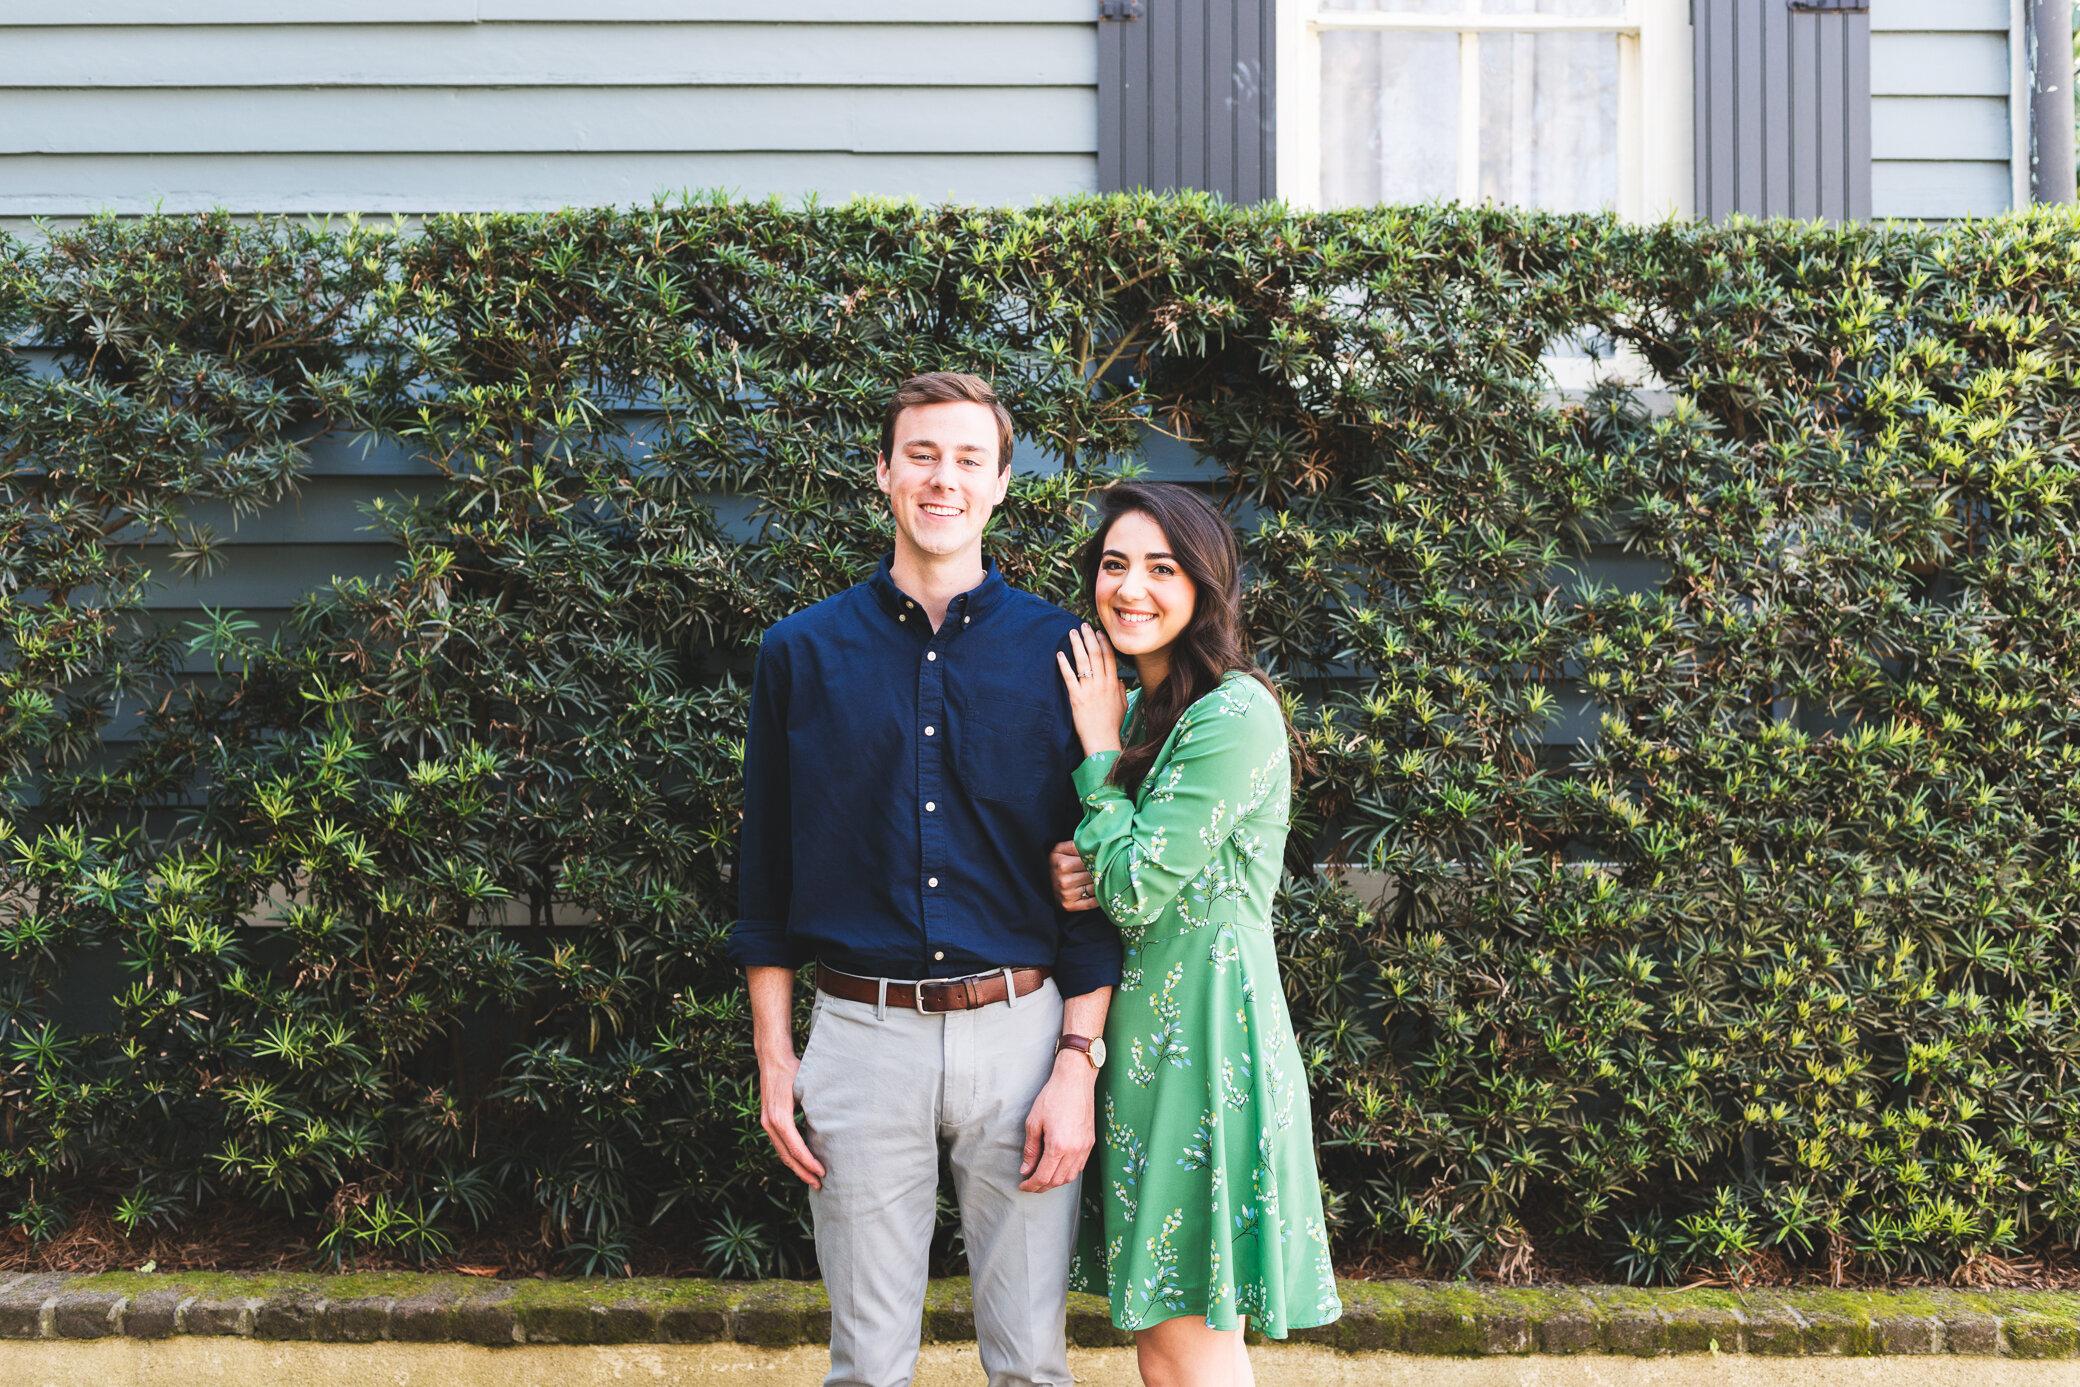 2019_Engagement_Joey&Lauren_blog-2.jpg